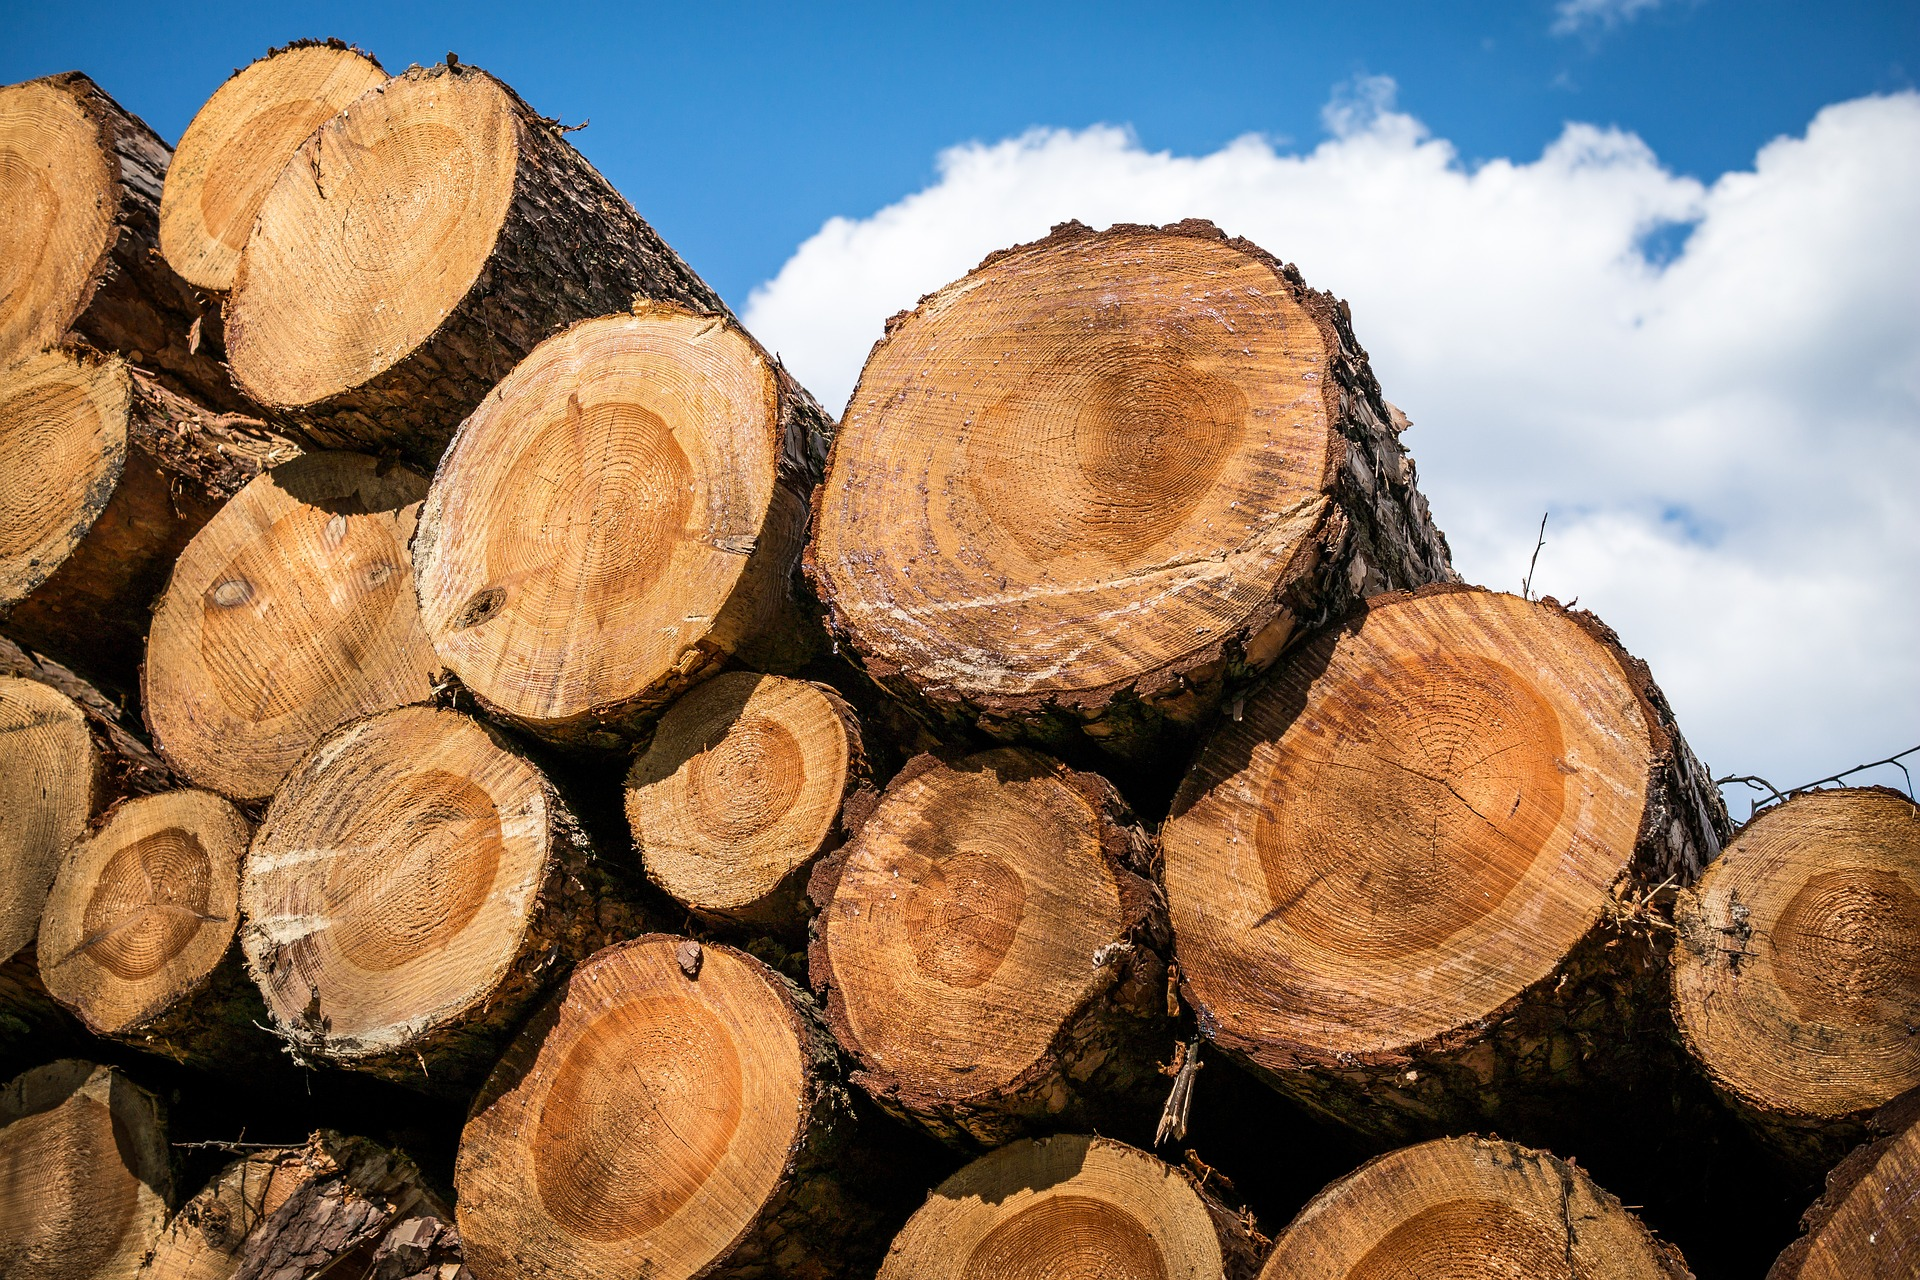 wood-1318872_1920